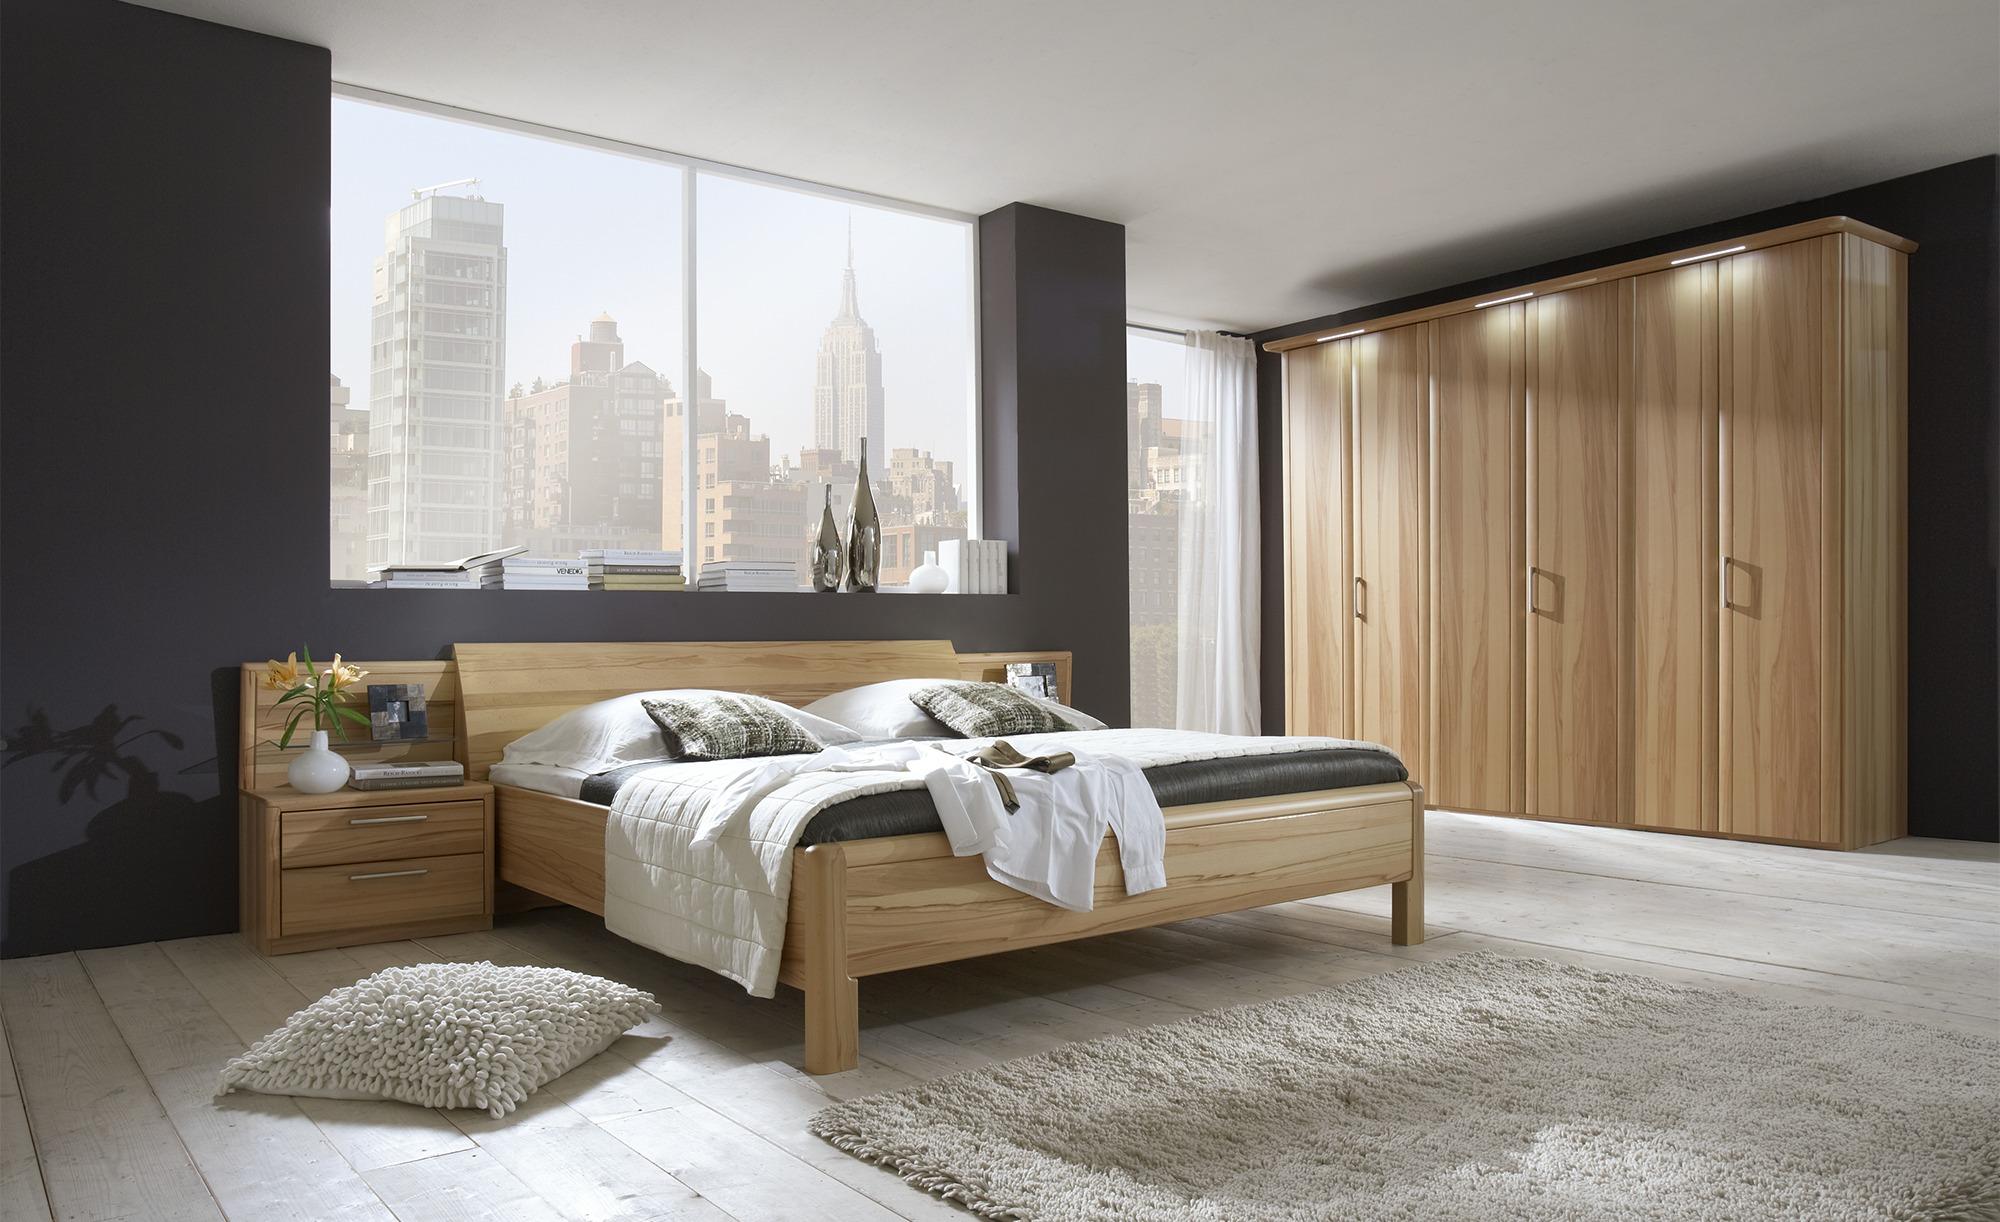 Komplett-Schlafzimmer, 4-teilig  Coretta ¦ holzfarben Komplett-Schlafzimmer - Höffner